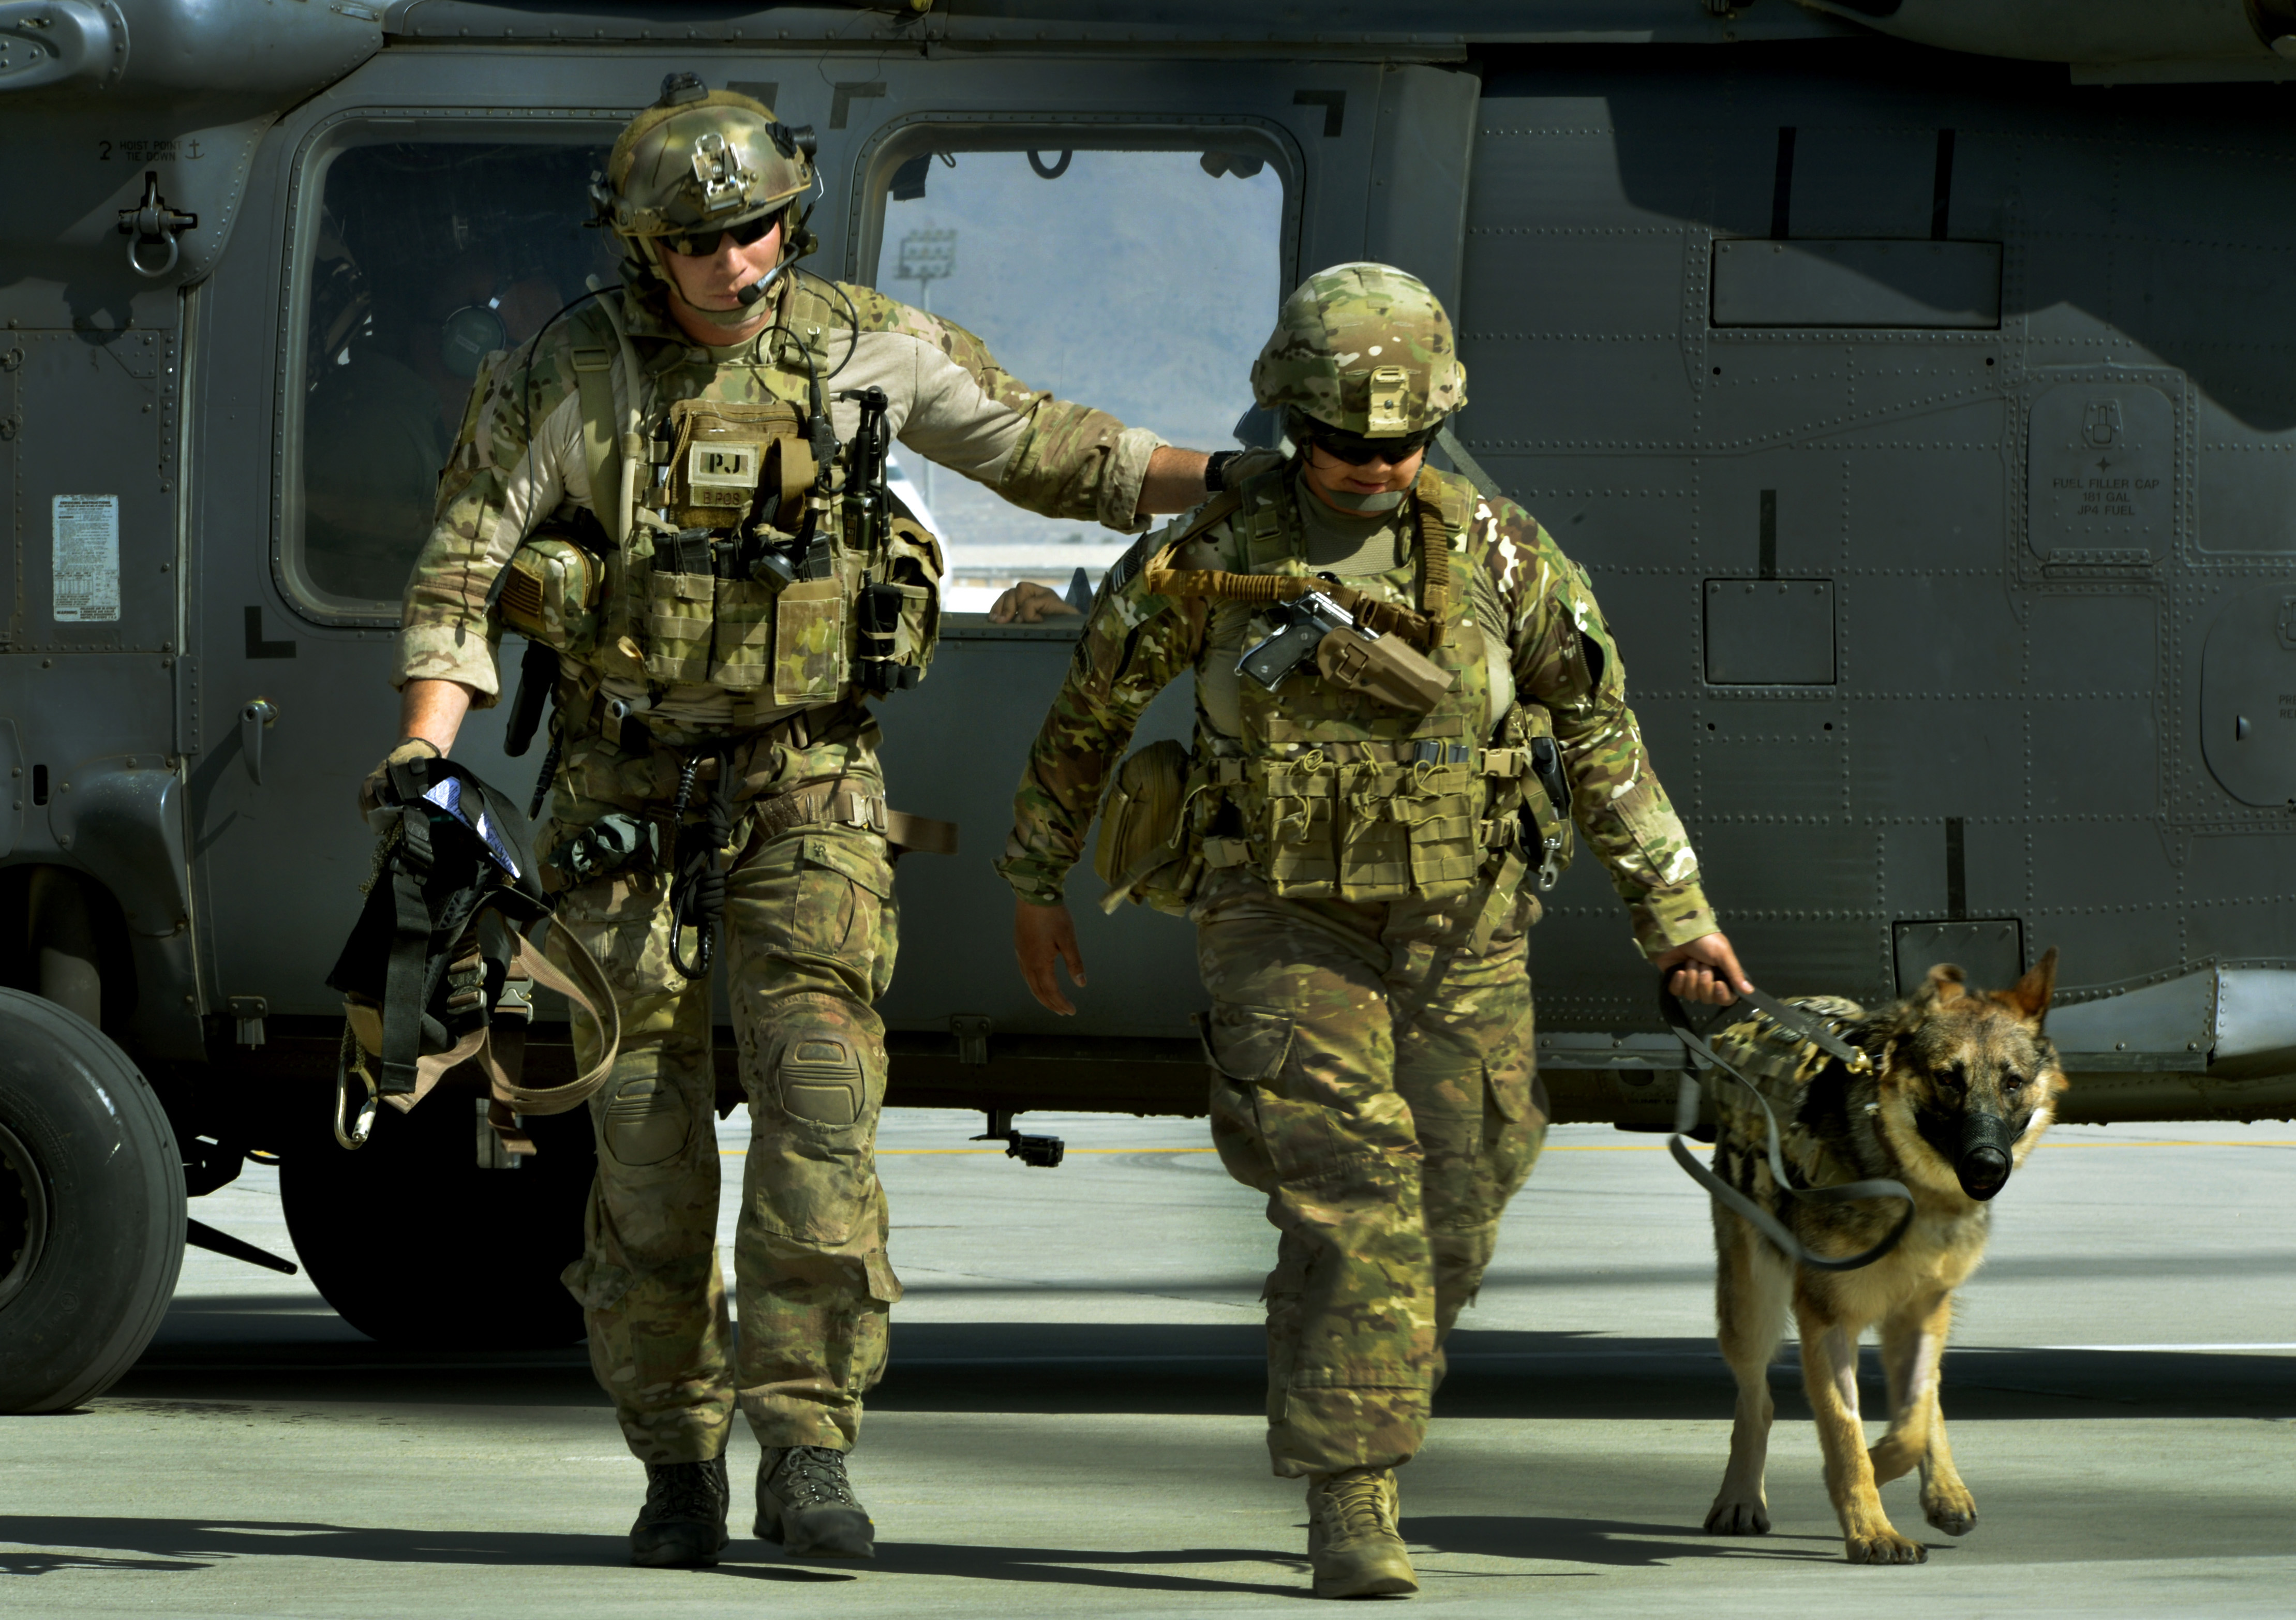 Dog Handler Army Training